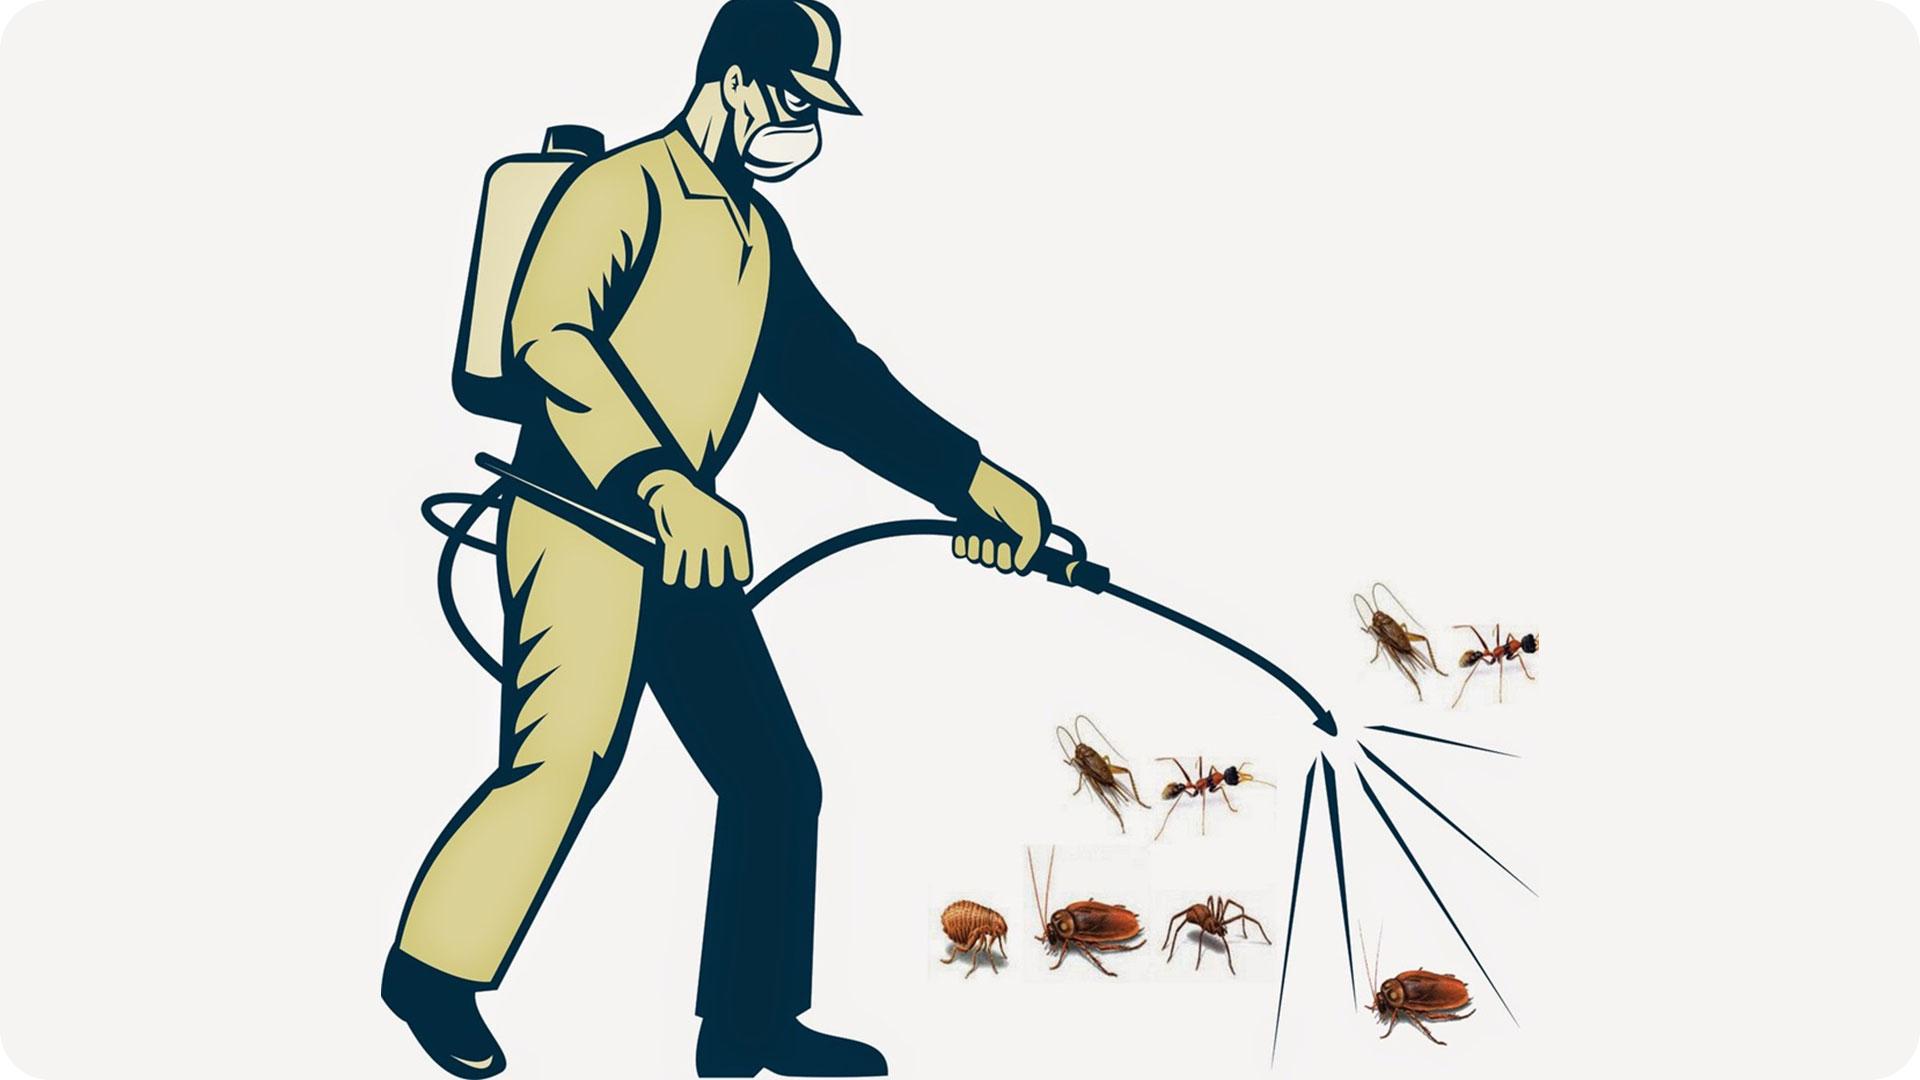 Top 10 địa chỉ cung cấp dịch vụ diệt ruồi, muỗi, côn trùng hiện nay